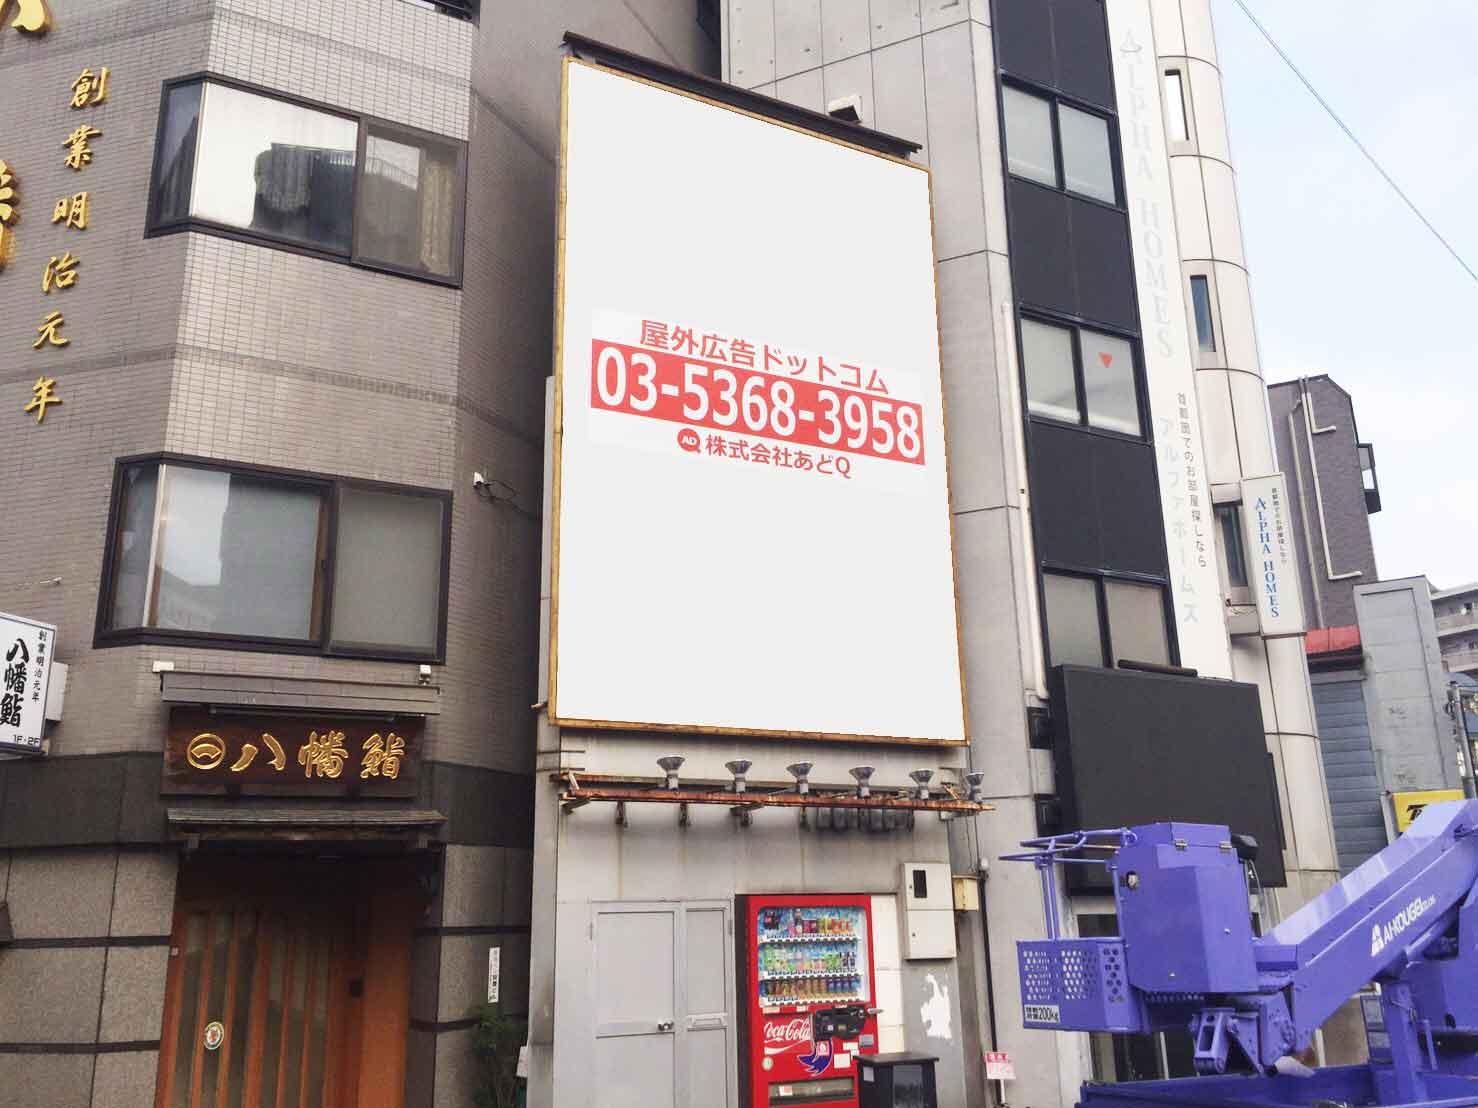 新宿 西早稲田